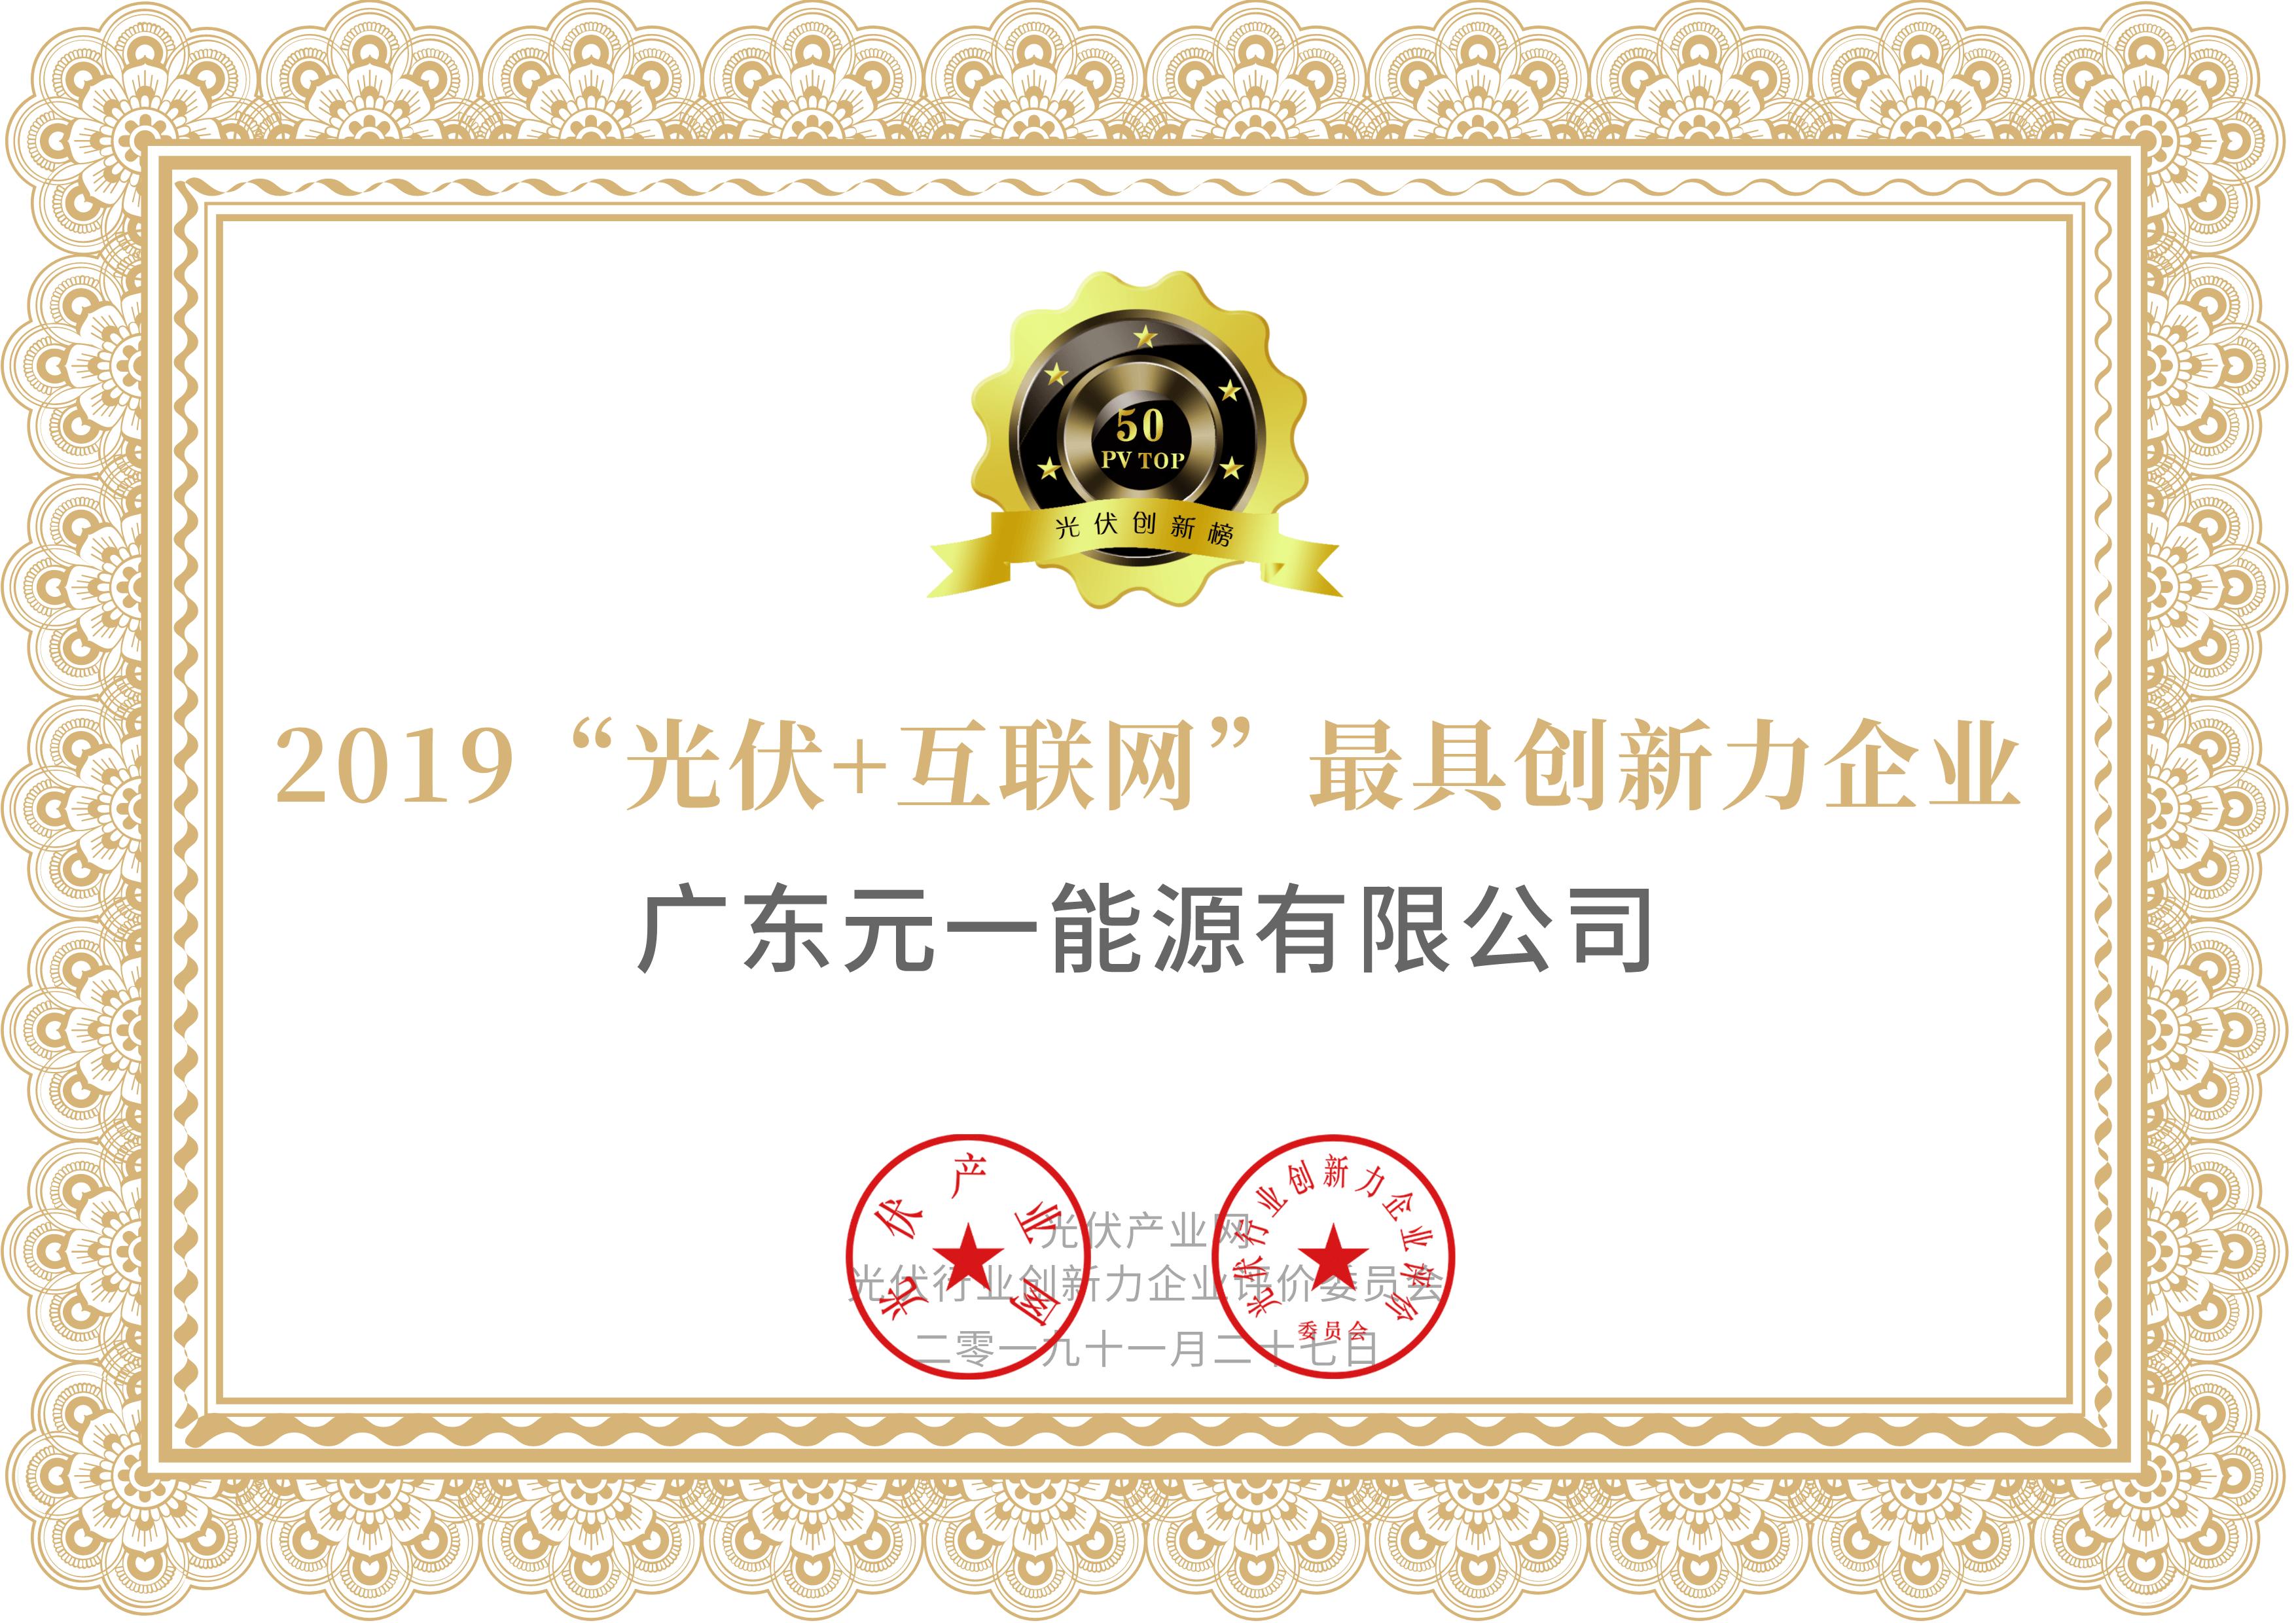 """2019""""光伏-互联网""""最具创新力企业"""